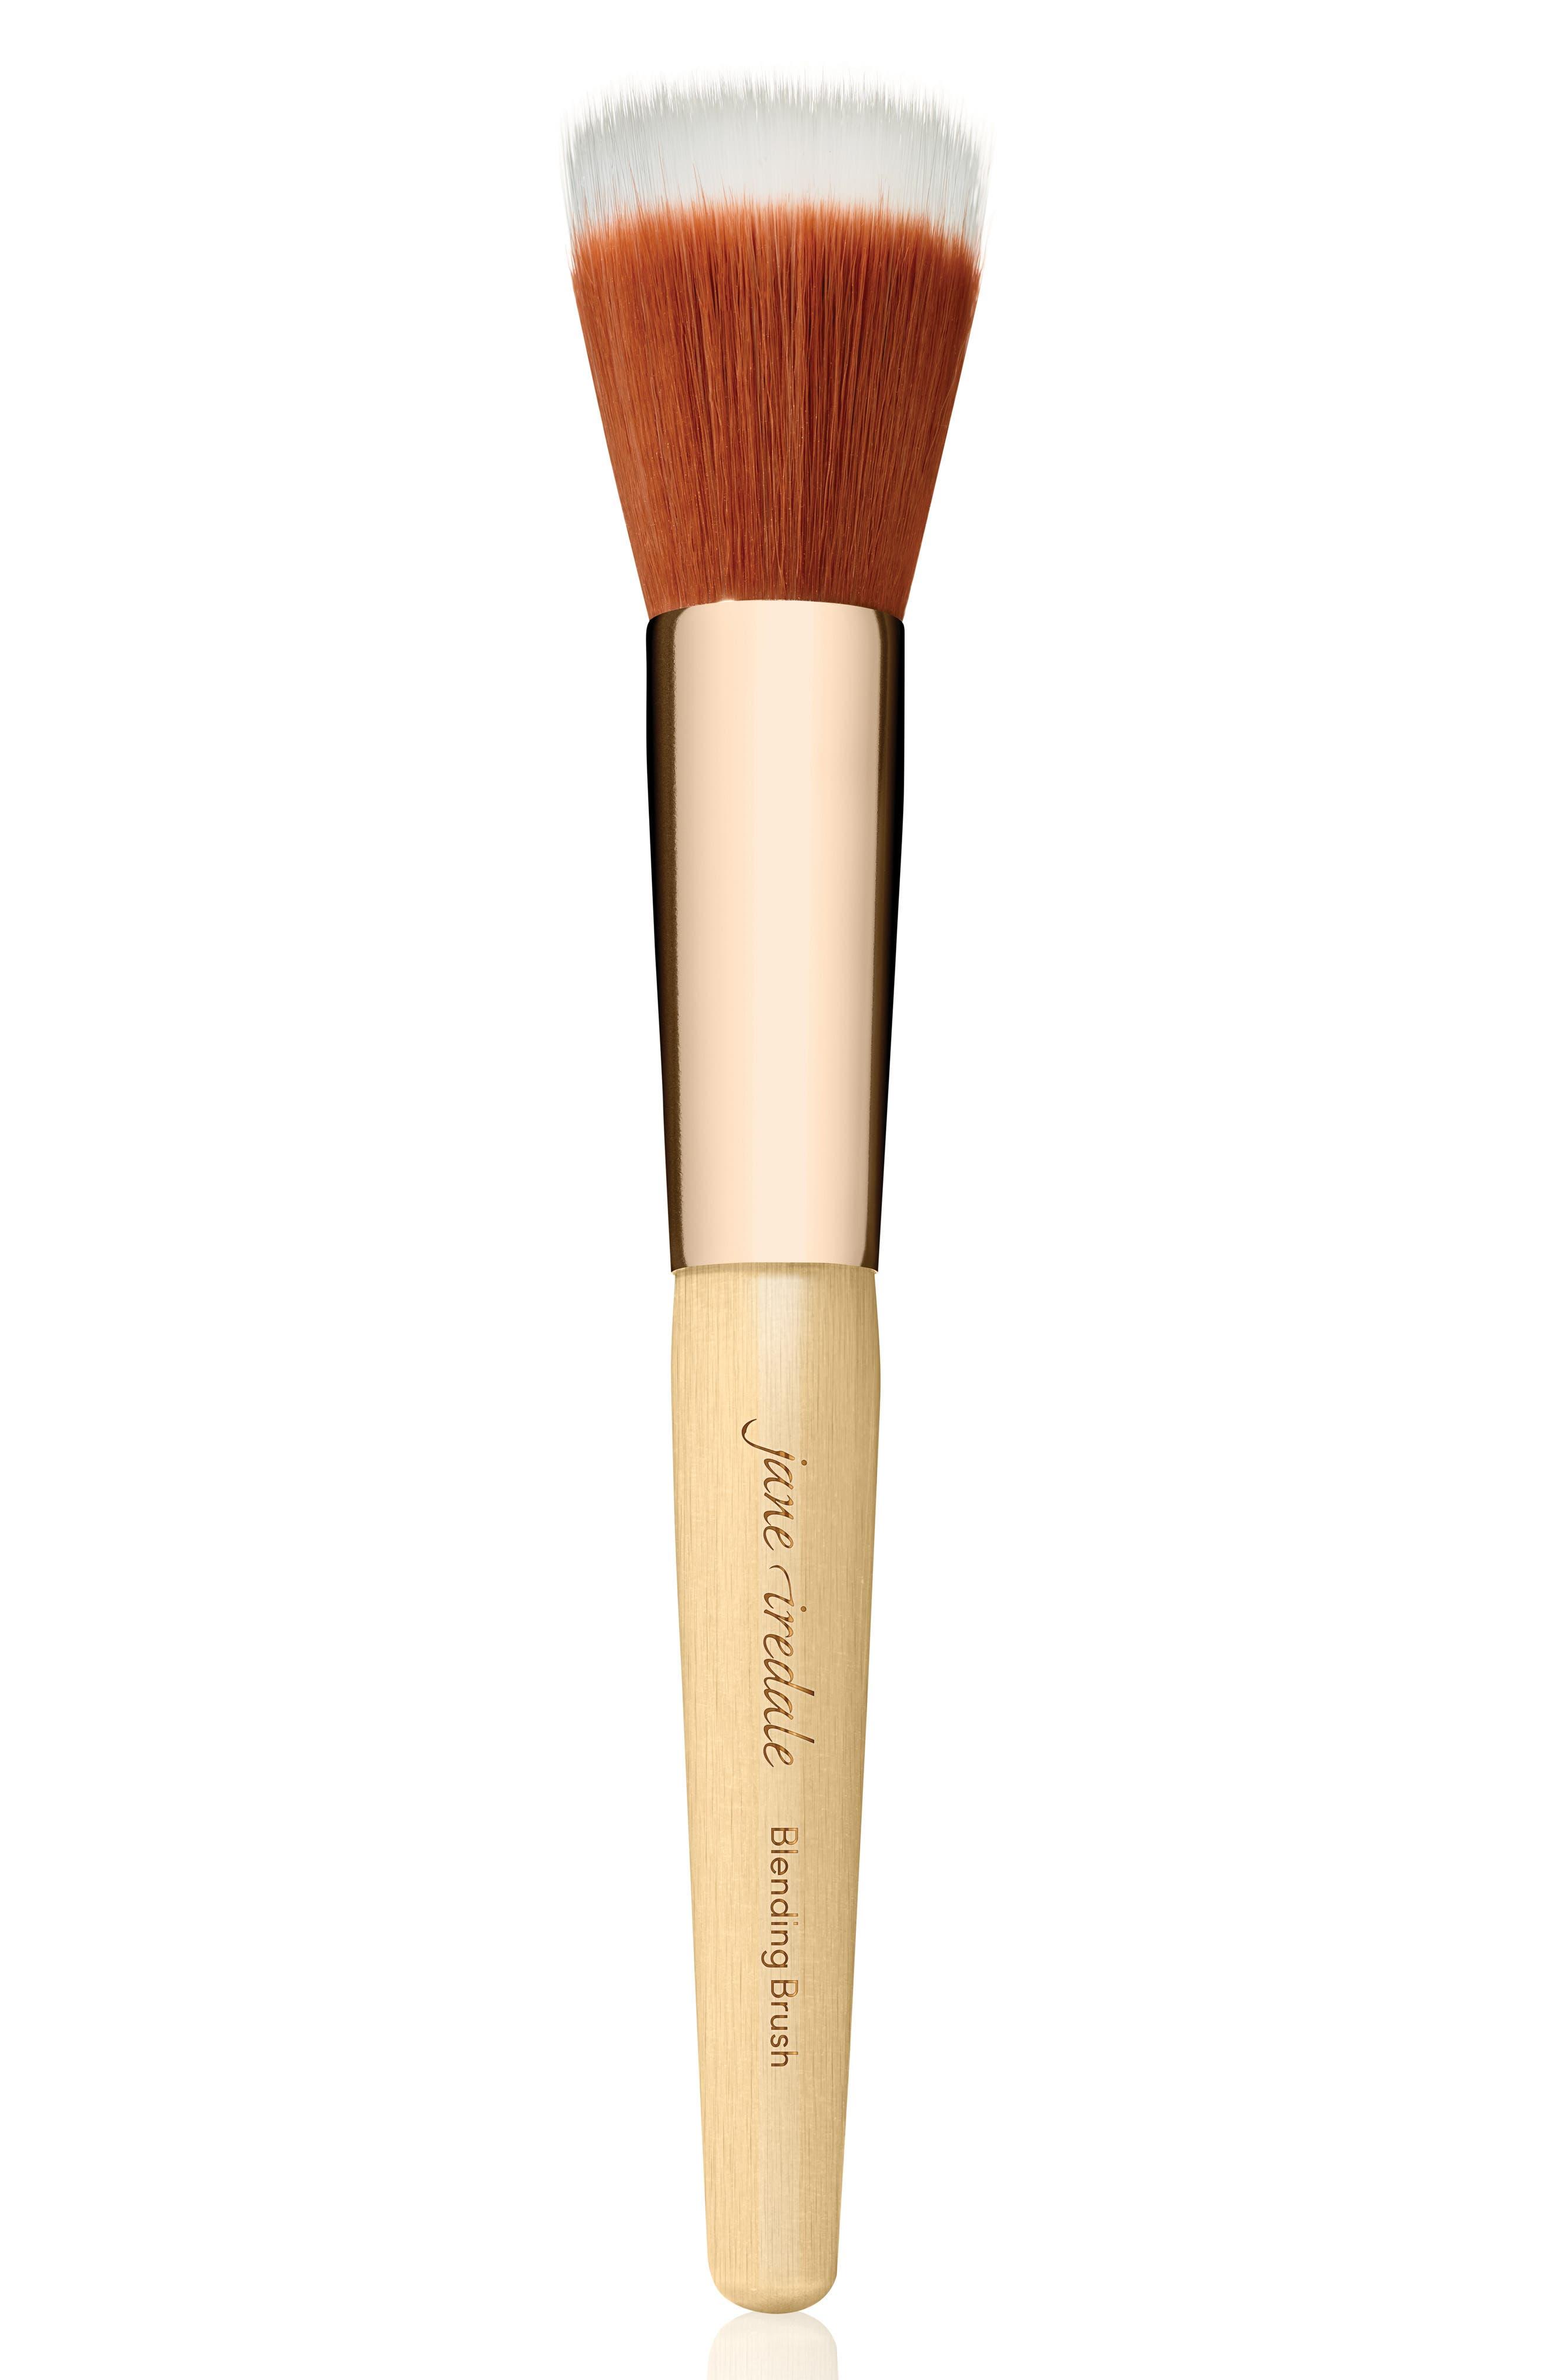 (TM) Blending Brush